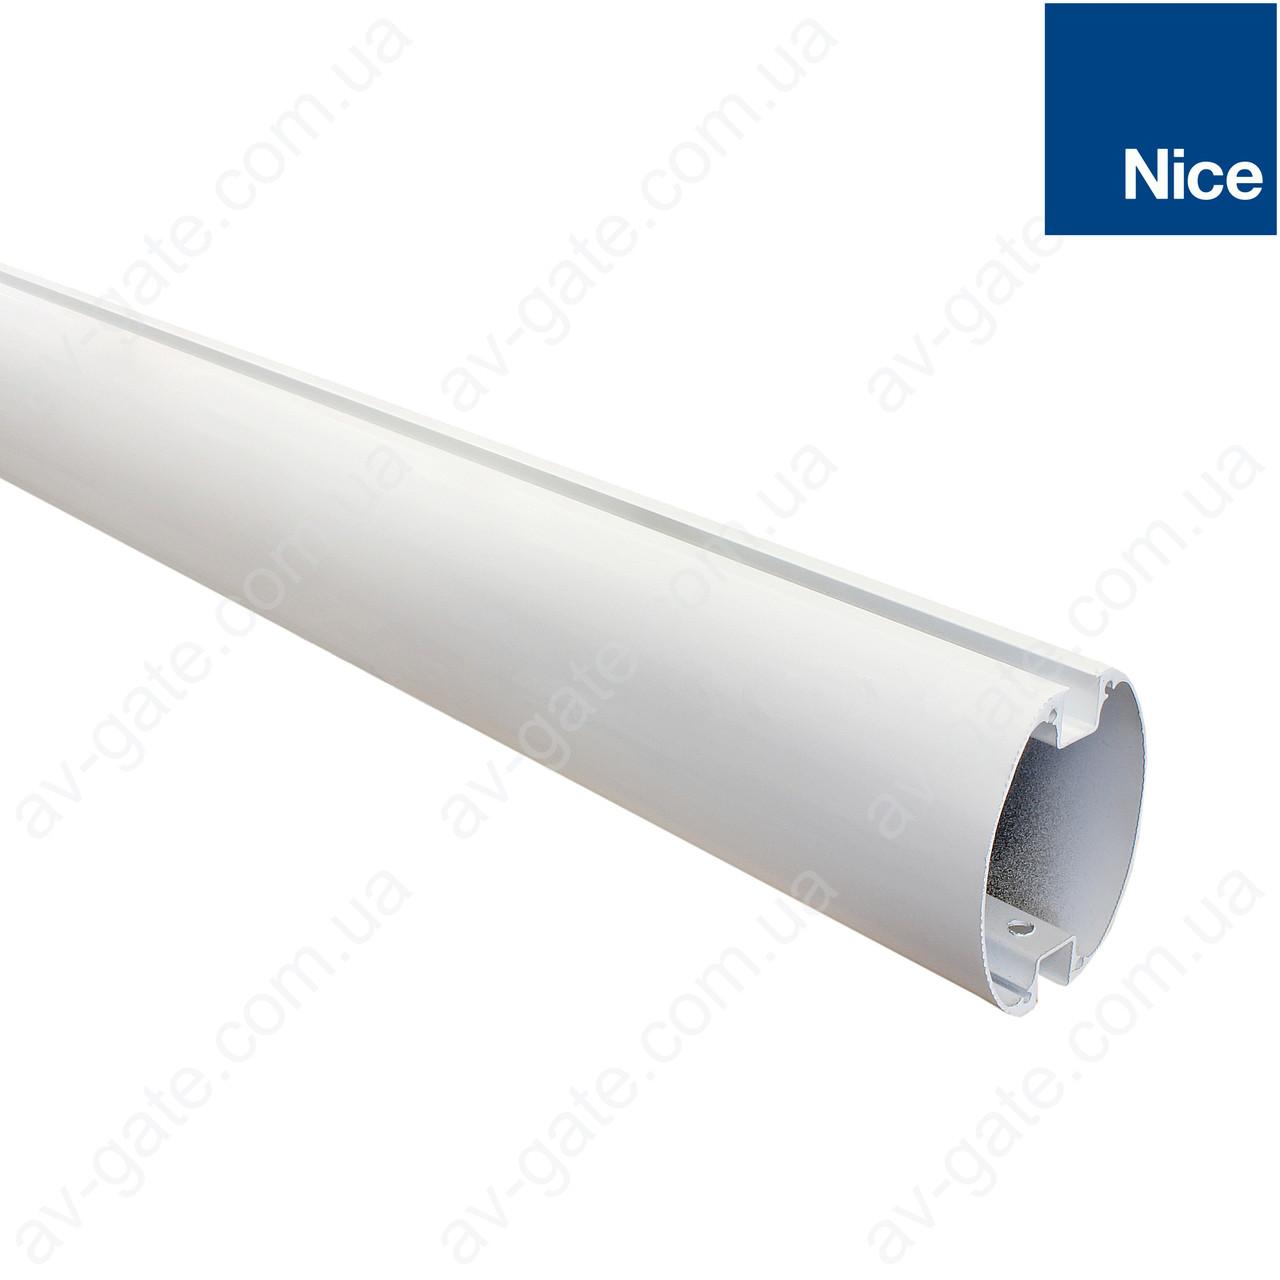 Стрела алюминиевая для шлагбаума WIDE Nice XBA14